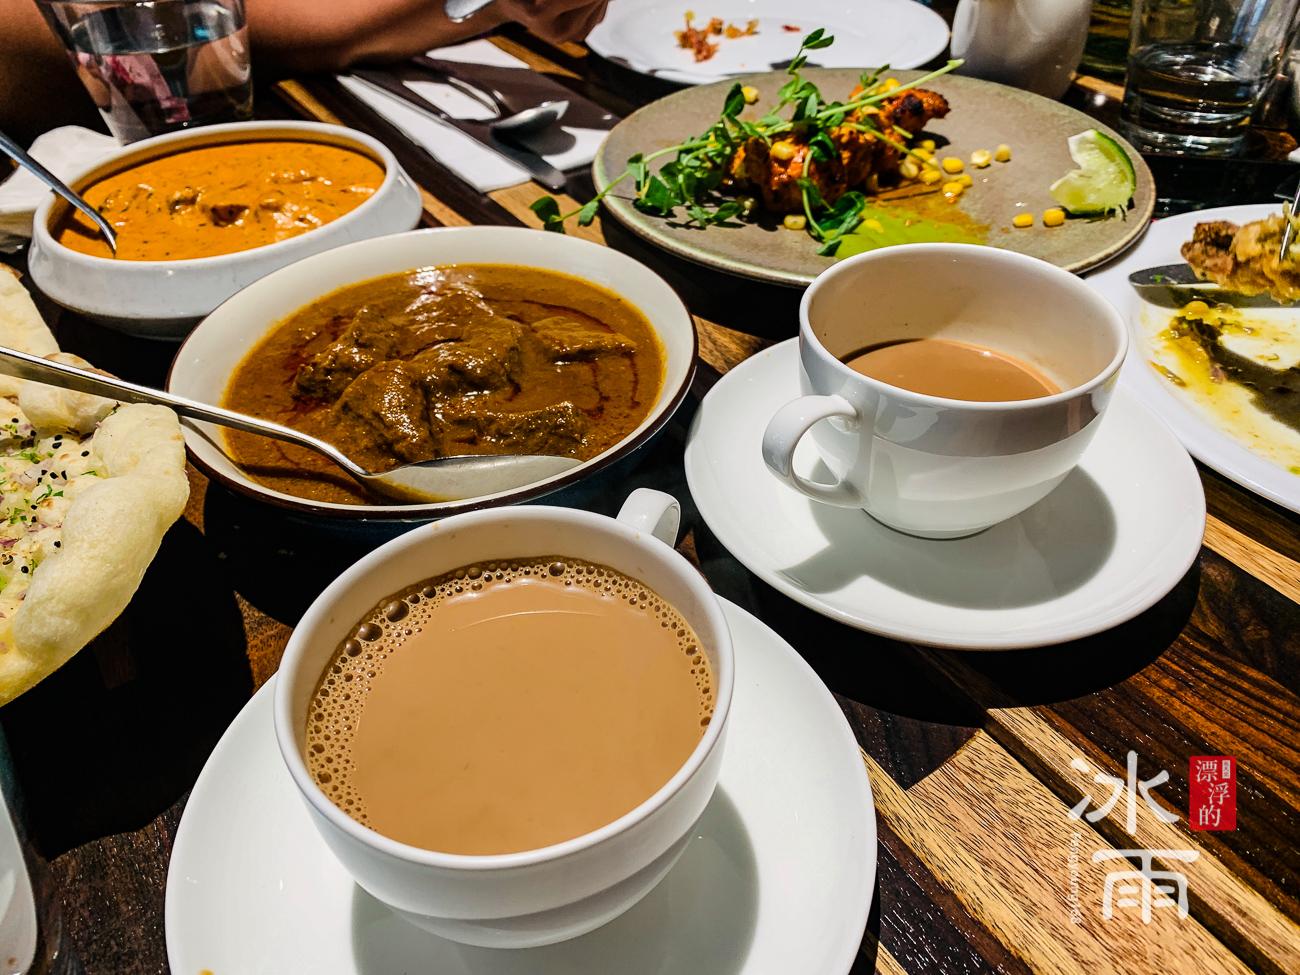 香料屋印度料理 我們的餐點